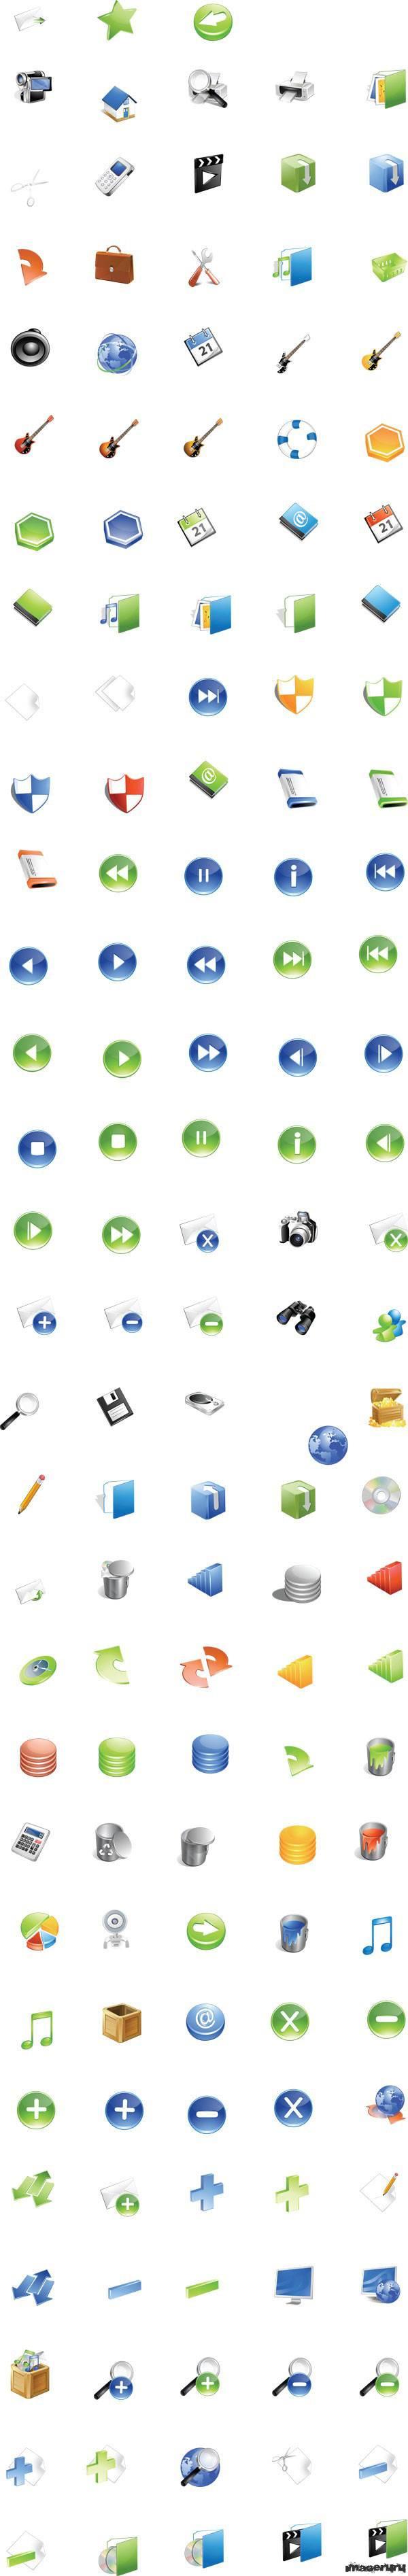 Объемные векторные иконки